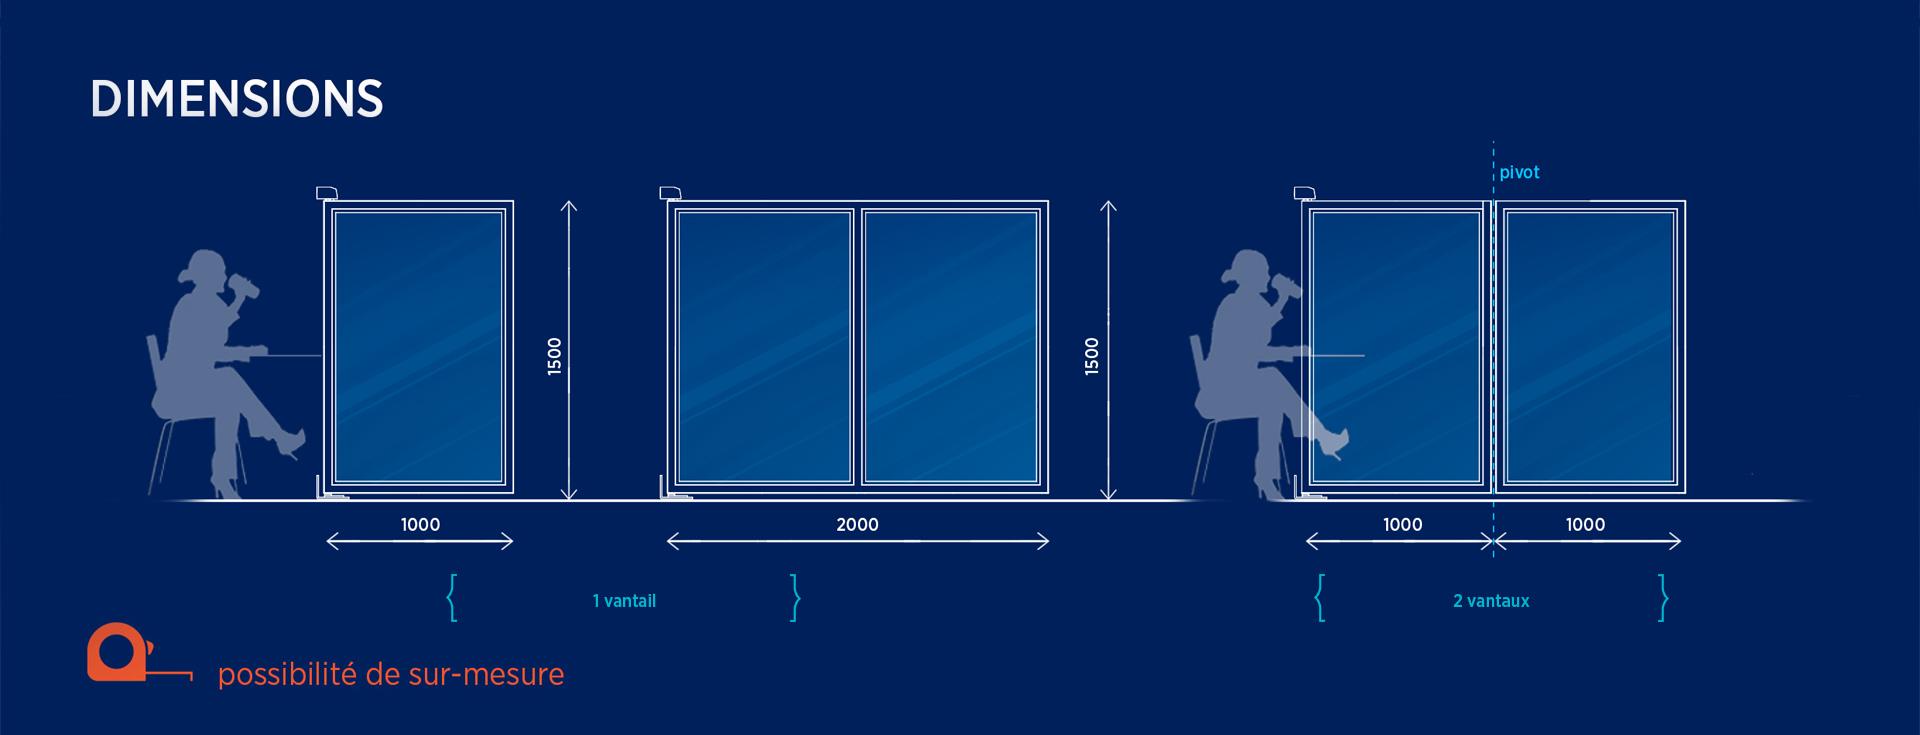 Les dimensions du pare-vent repliable